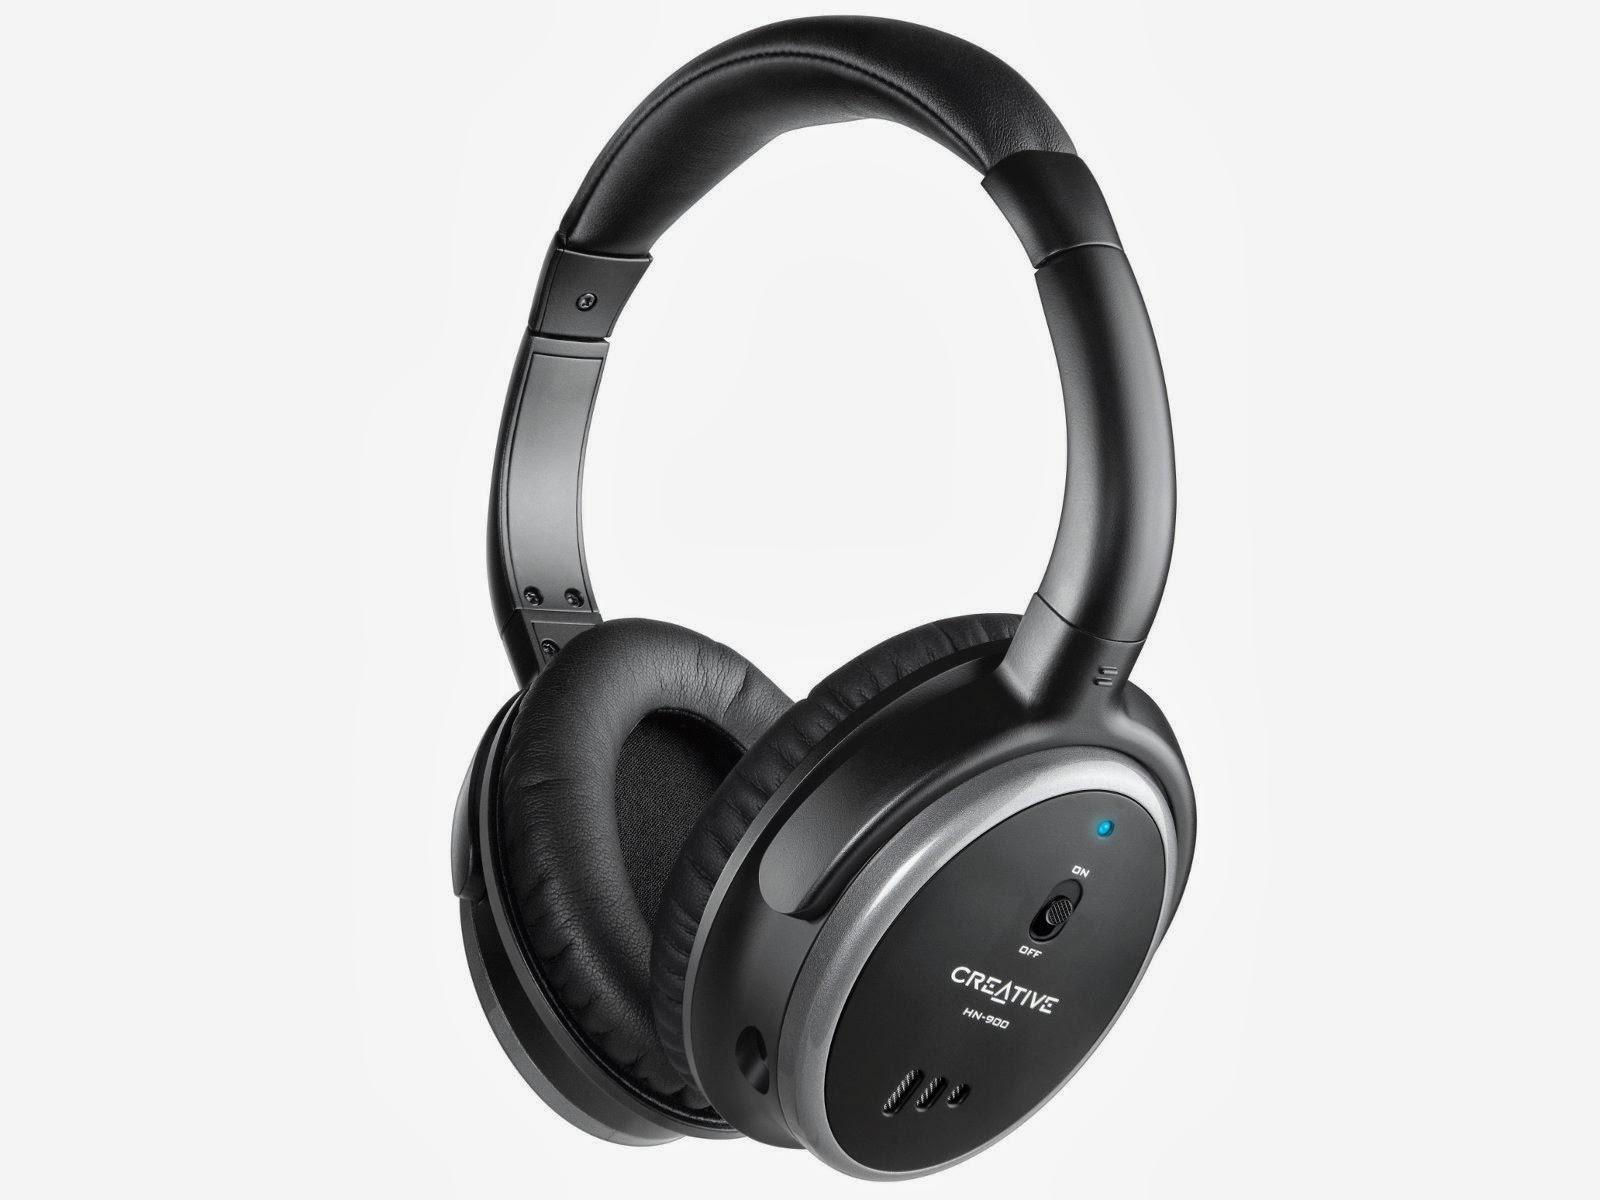 best noise cancelling headphones under 100 dollars best gadgets. Black Bedroom Furniture Sets. Home Design Ideas